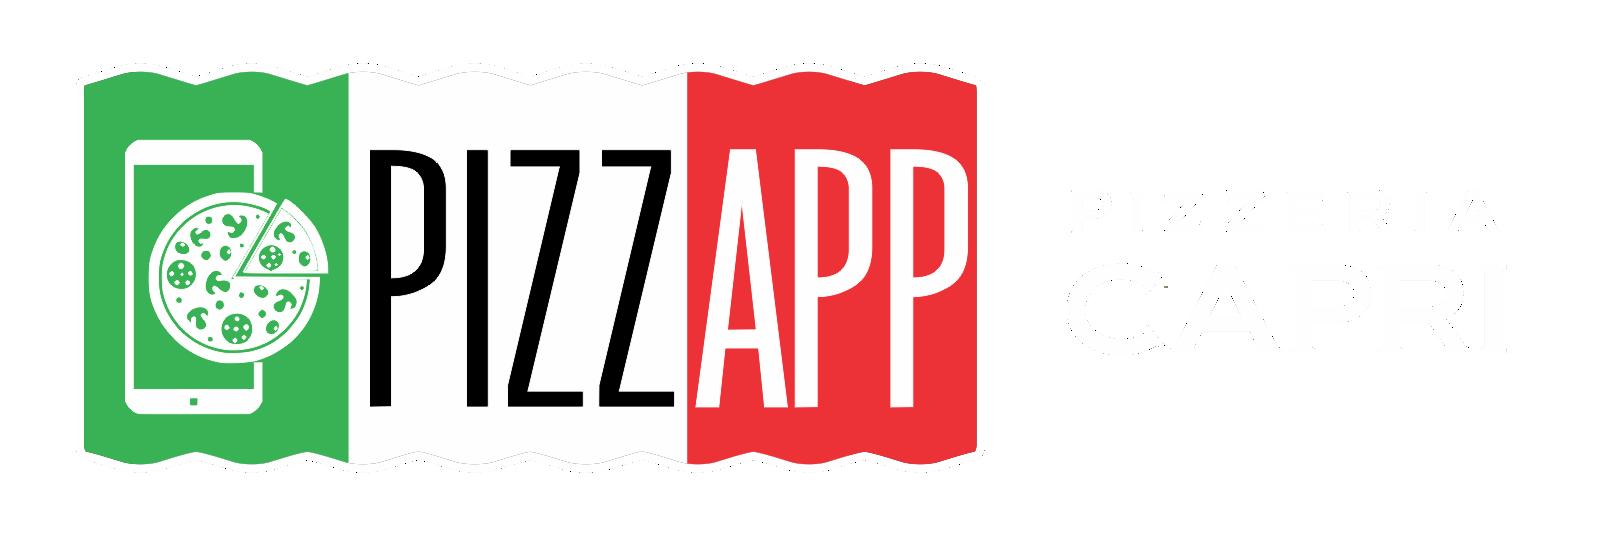 Pizzapp Capri